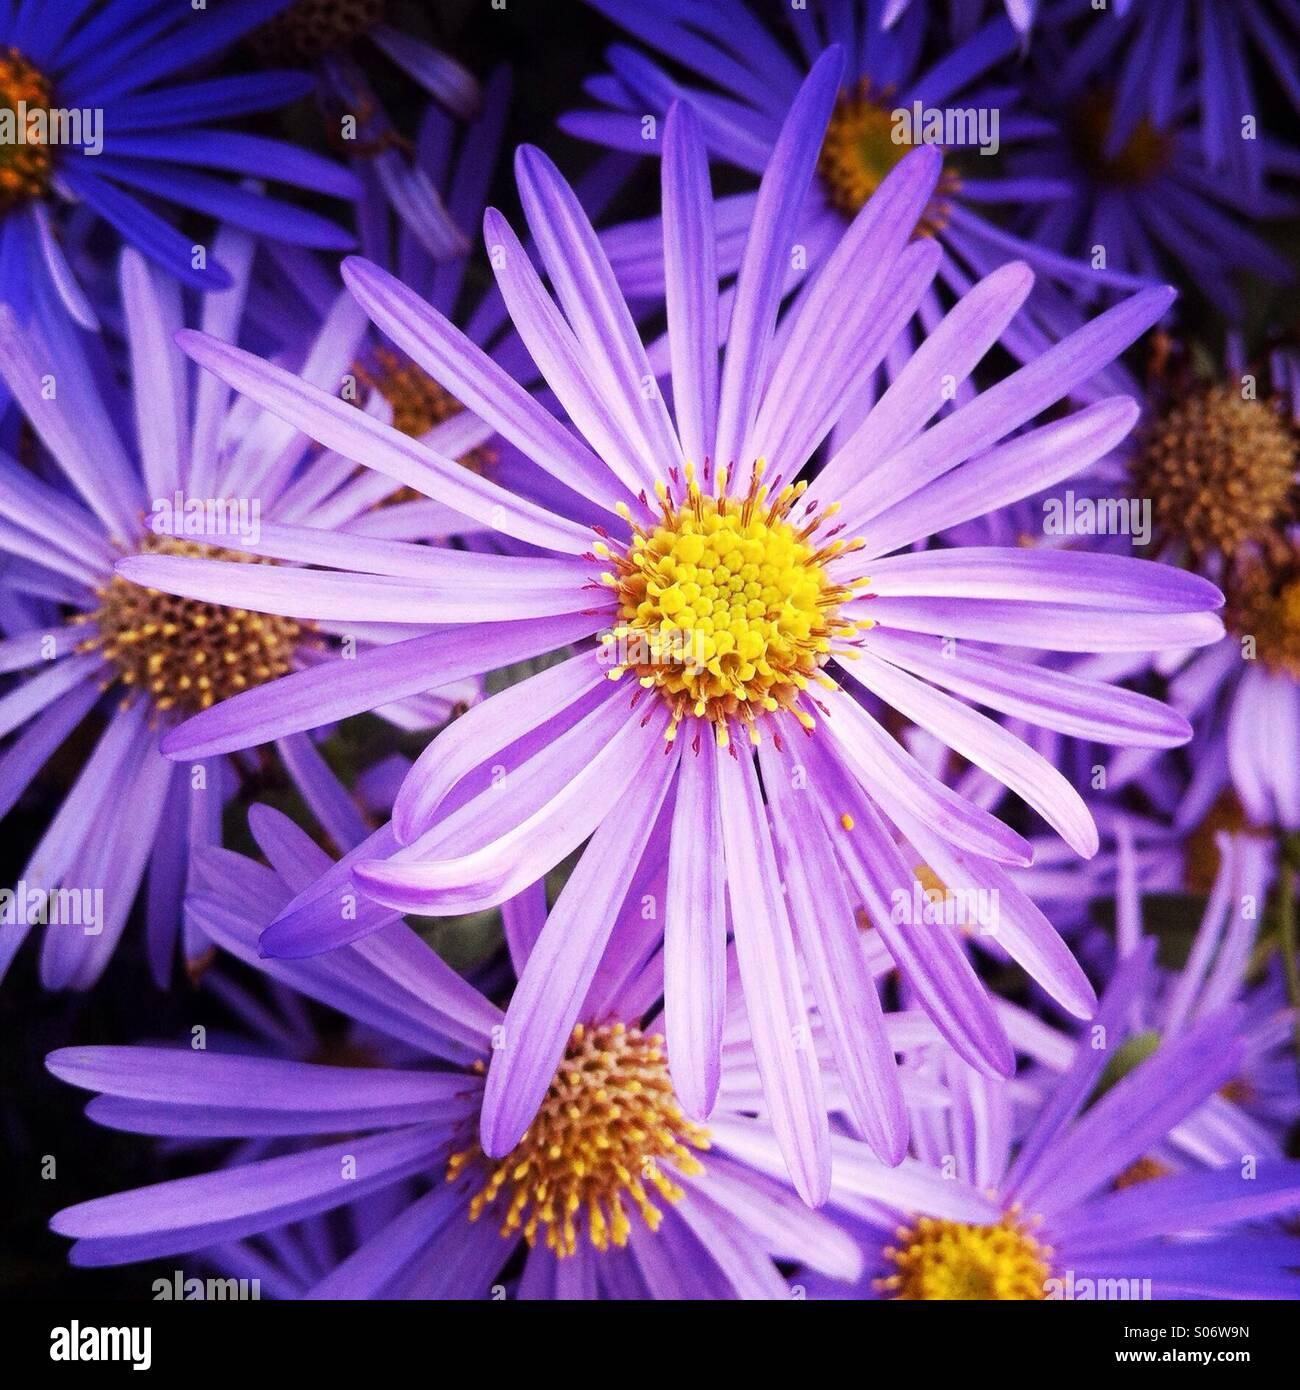 Fiori viola in un giardino. Immagini Stock